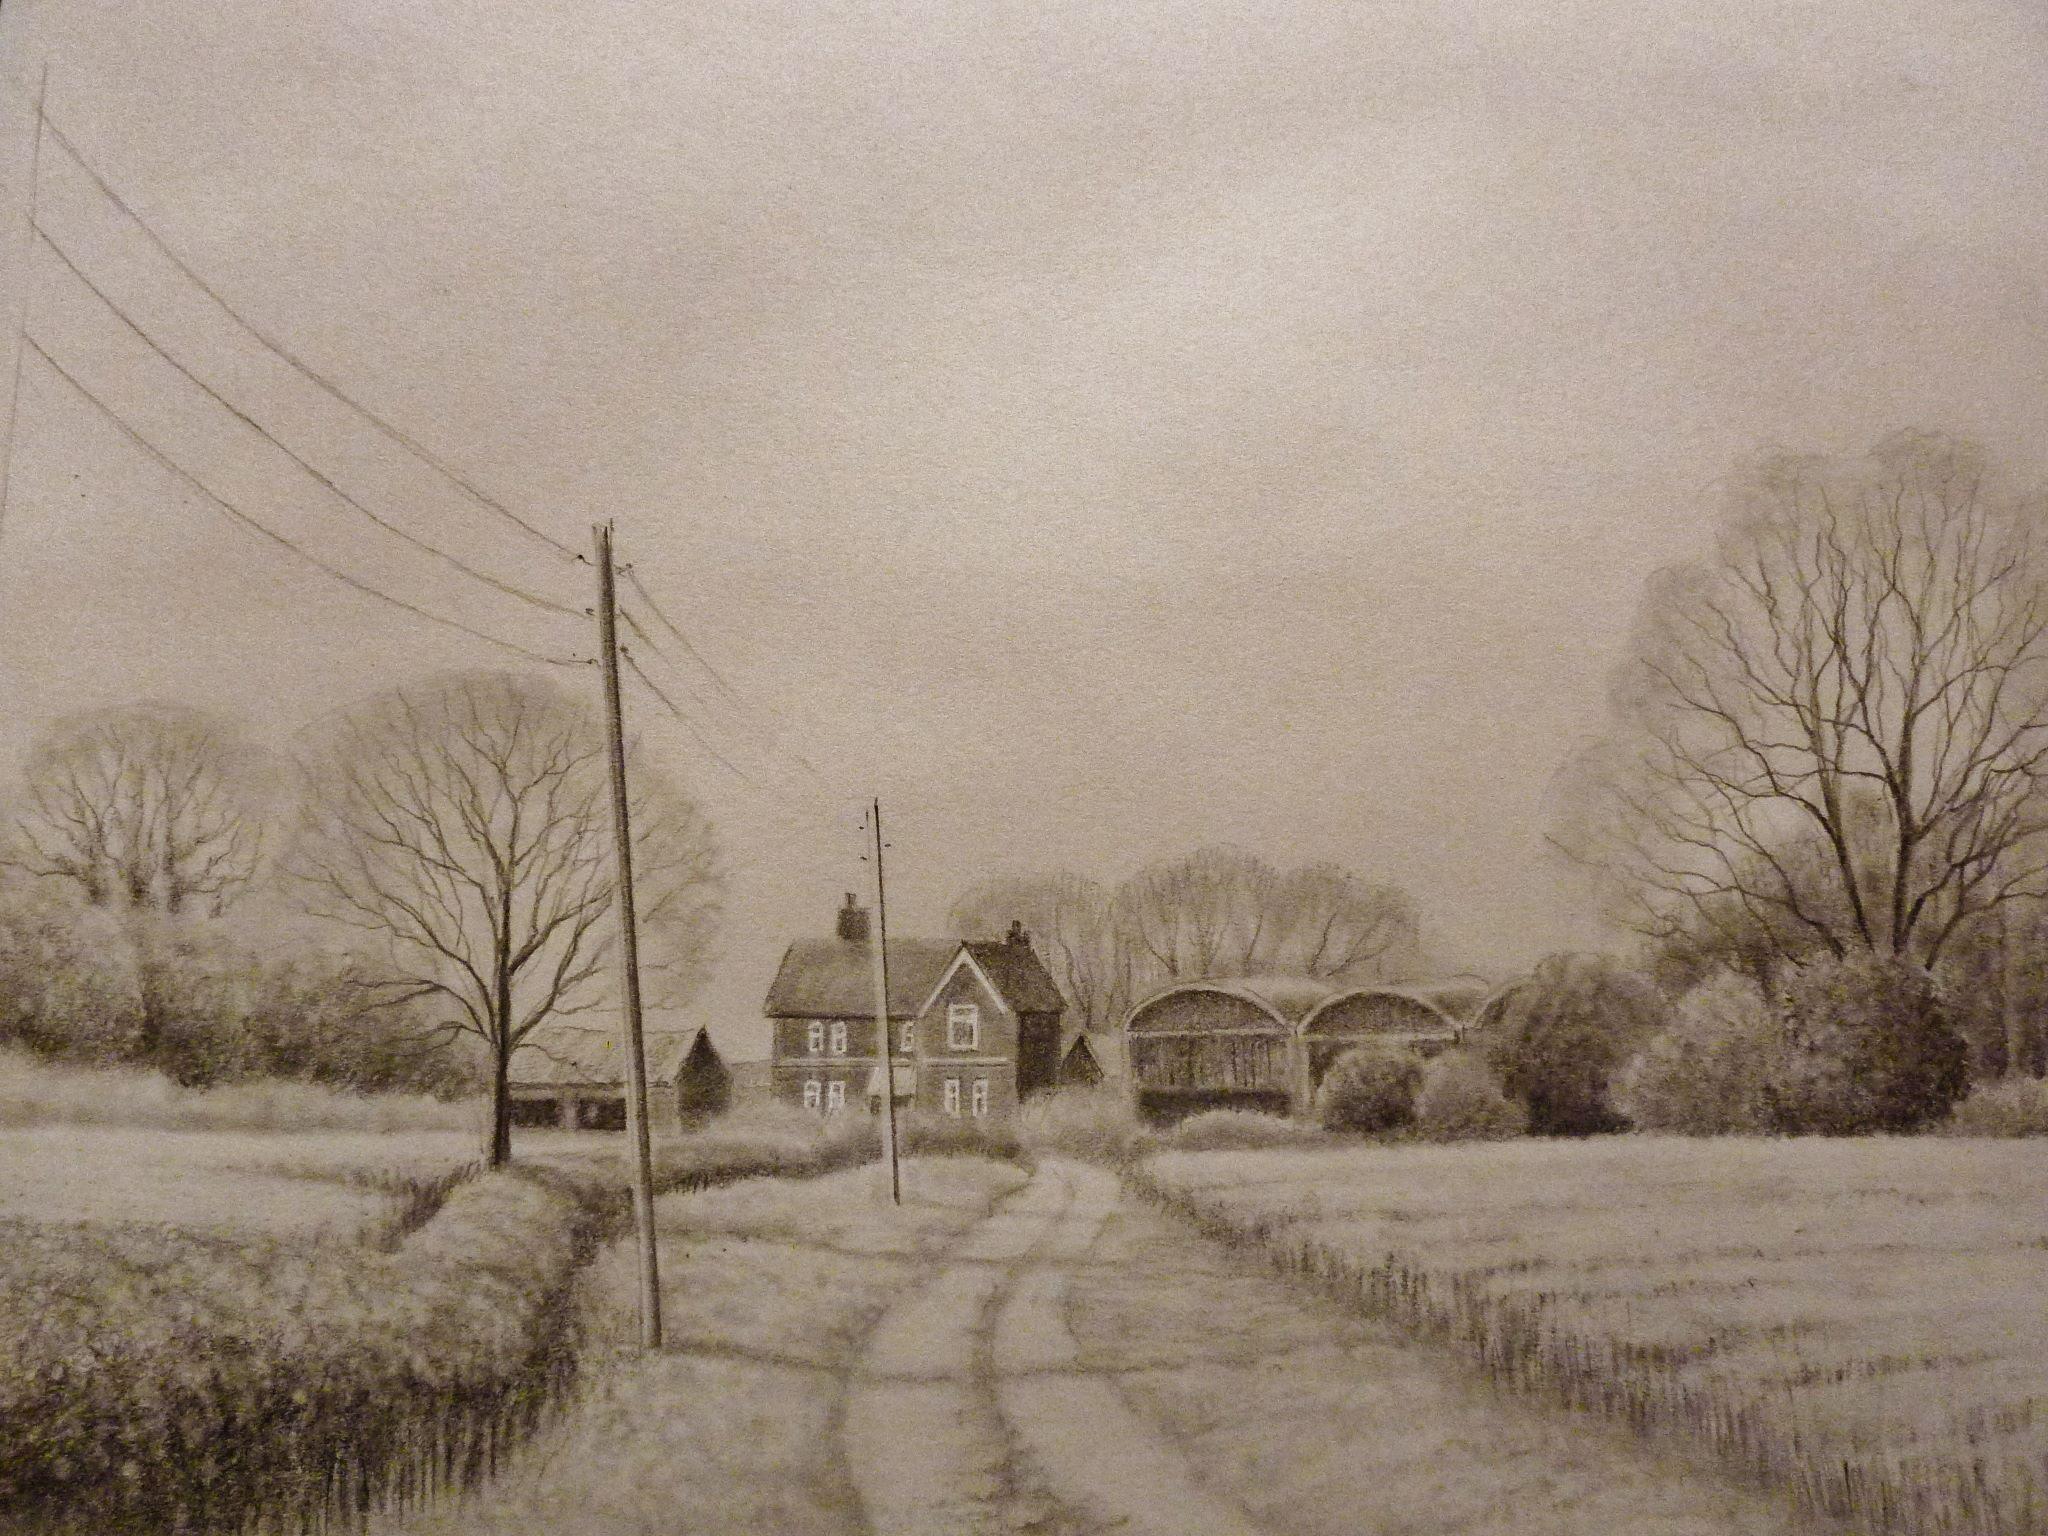 2048x1536 Time Lapse Landscape Pencil Drawing, Farm Buildings